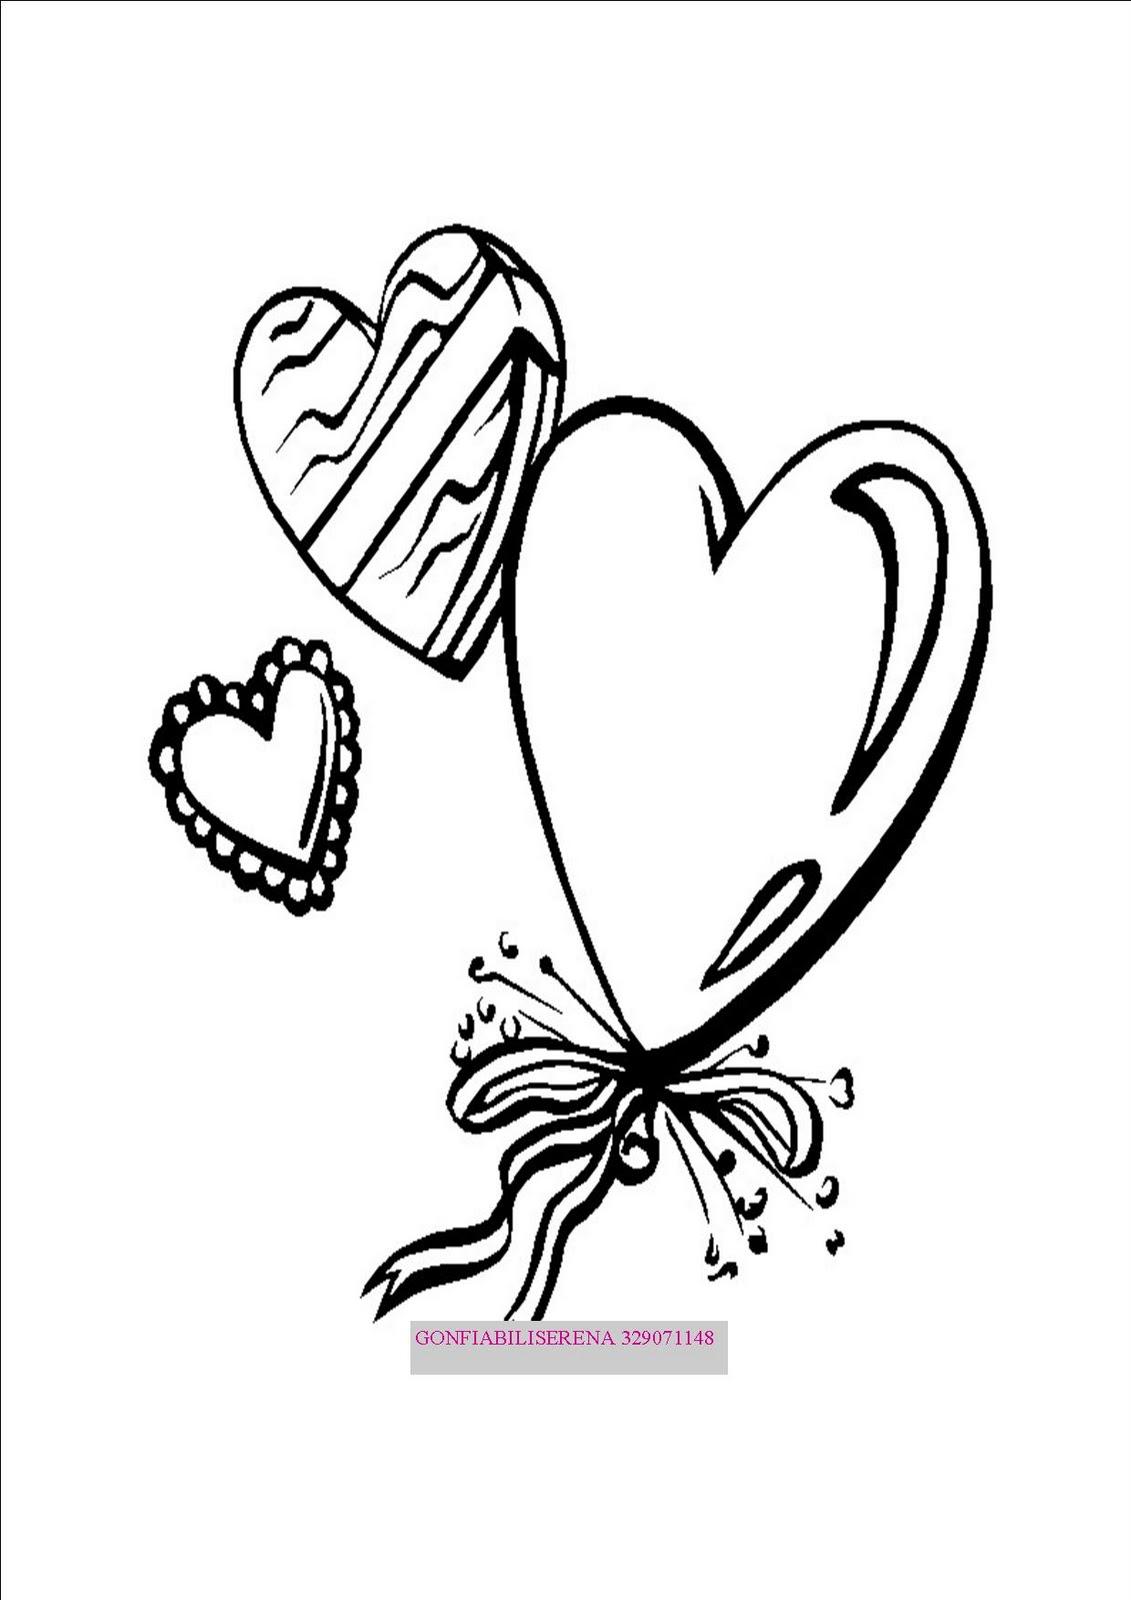 Gonfiabiliserena disegni gratis da colorare per san valentino for Disegni di cuori da stampare gratis